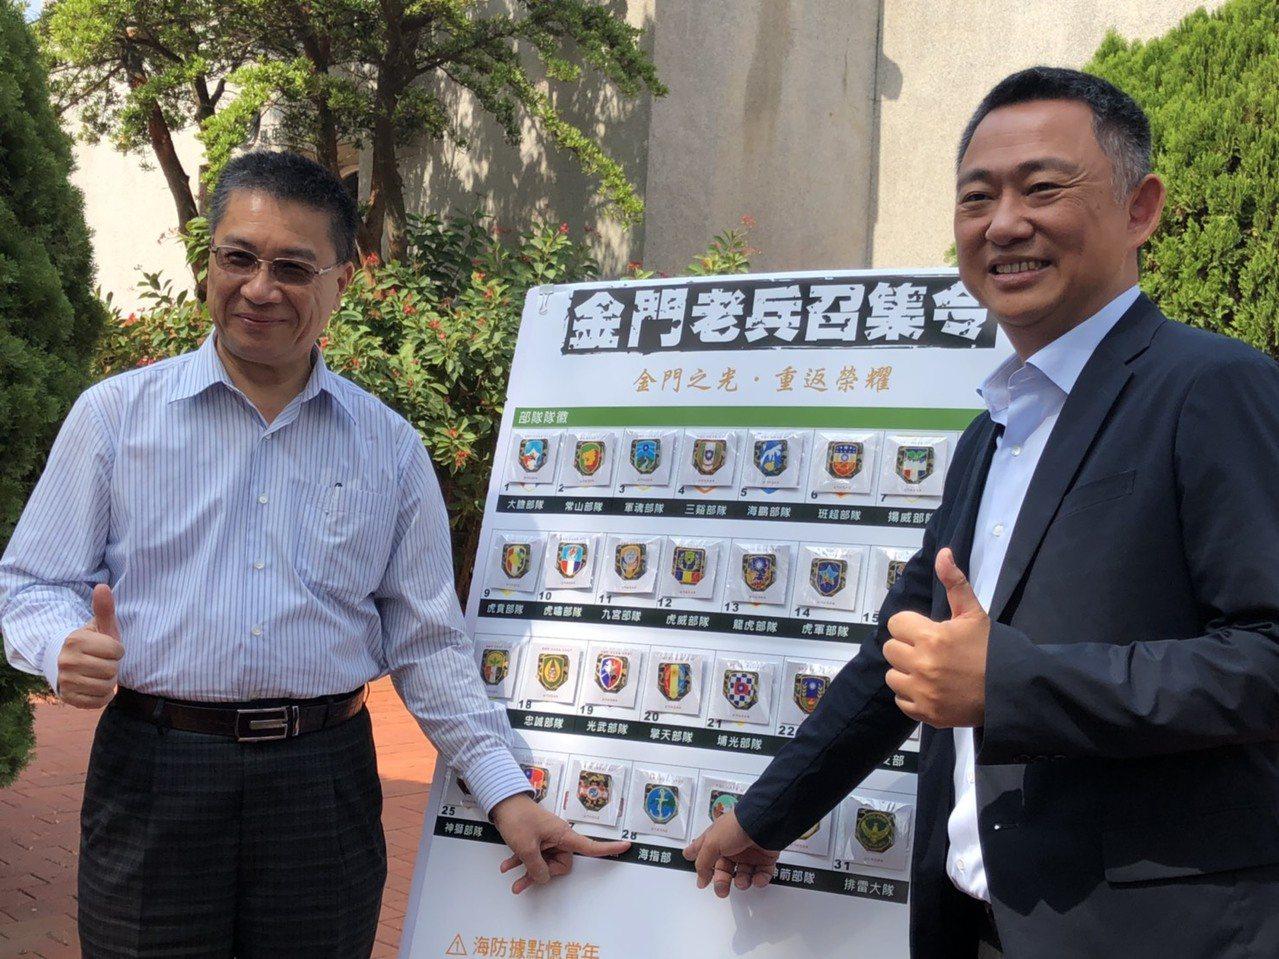 內政部長徐國勇今天找尋昔日的部隊隊徽,他一下子就找到「海指部」的隊徽,並分享很多...